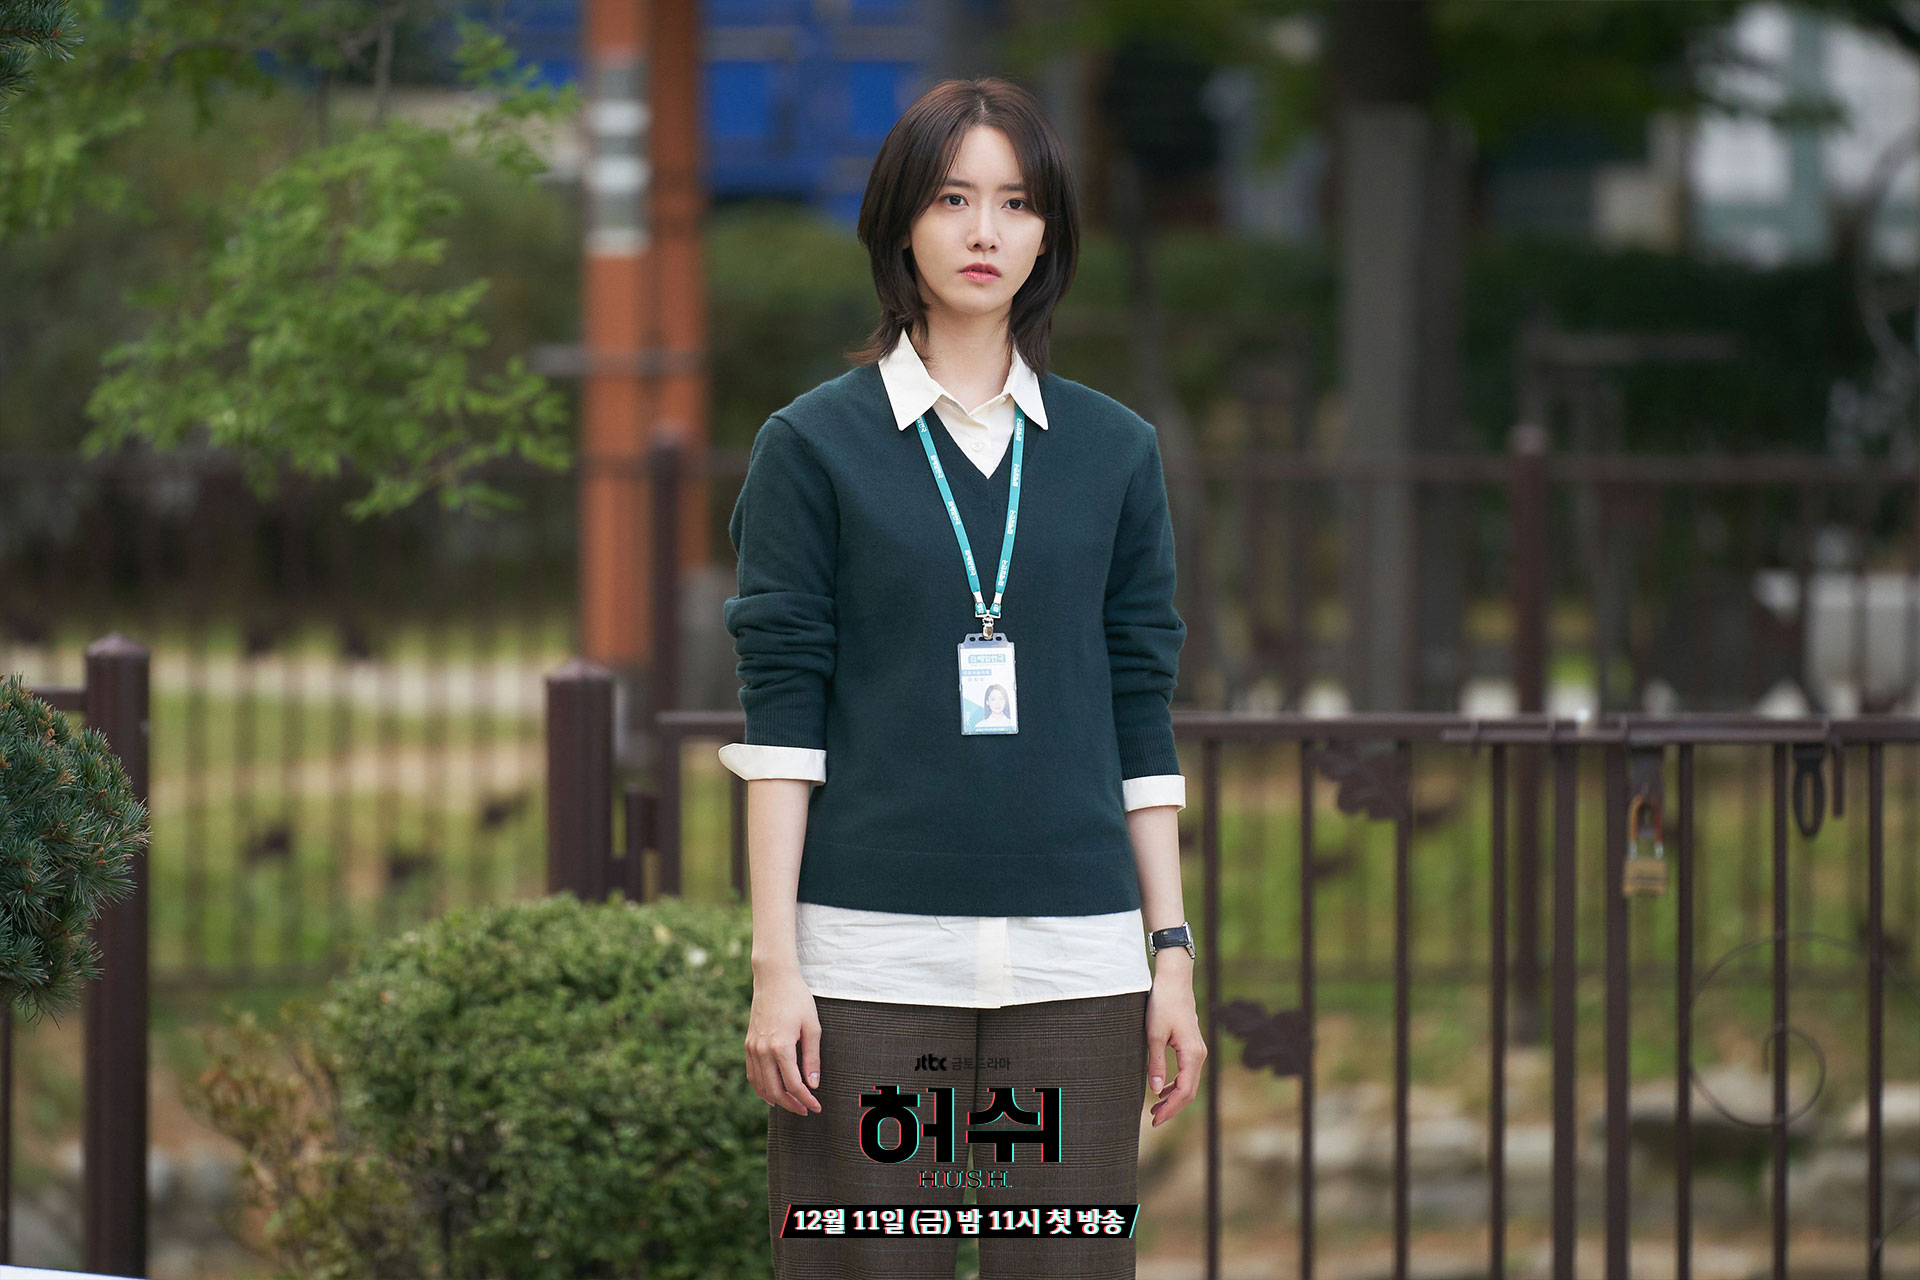 Mix & Phối - Style công sở của Yoona từ phim ra ngoài đời đều chuẩn đẹp, hội chị em học thì đi làm chẳng lo mặc xấu - chanvaydep.net 5